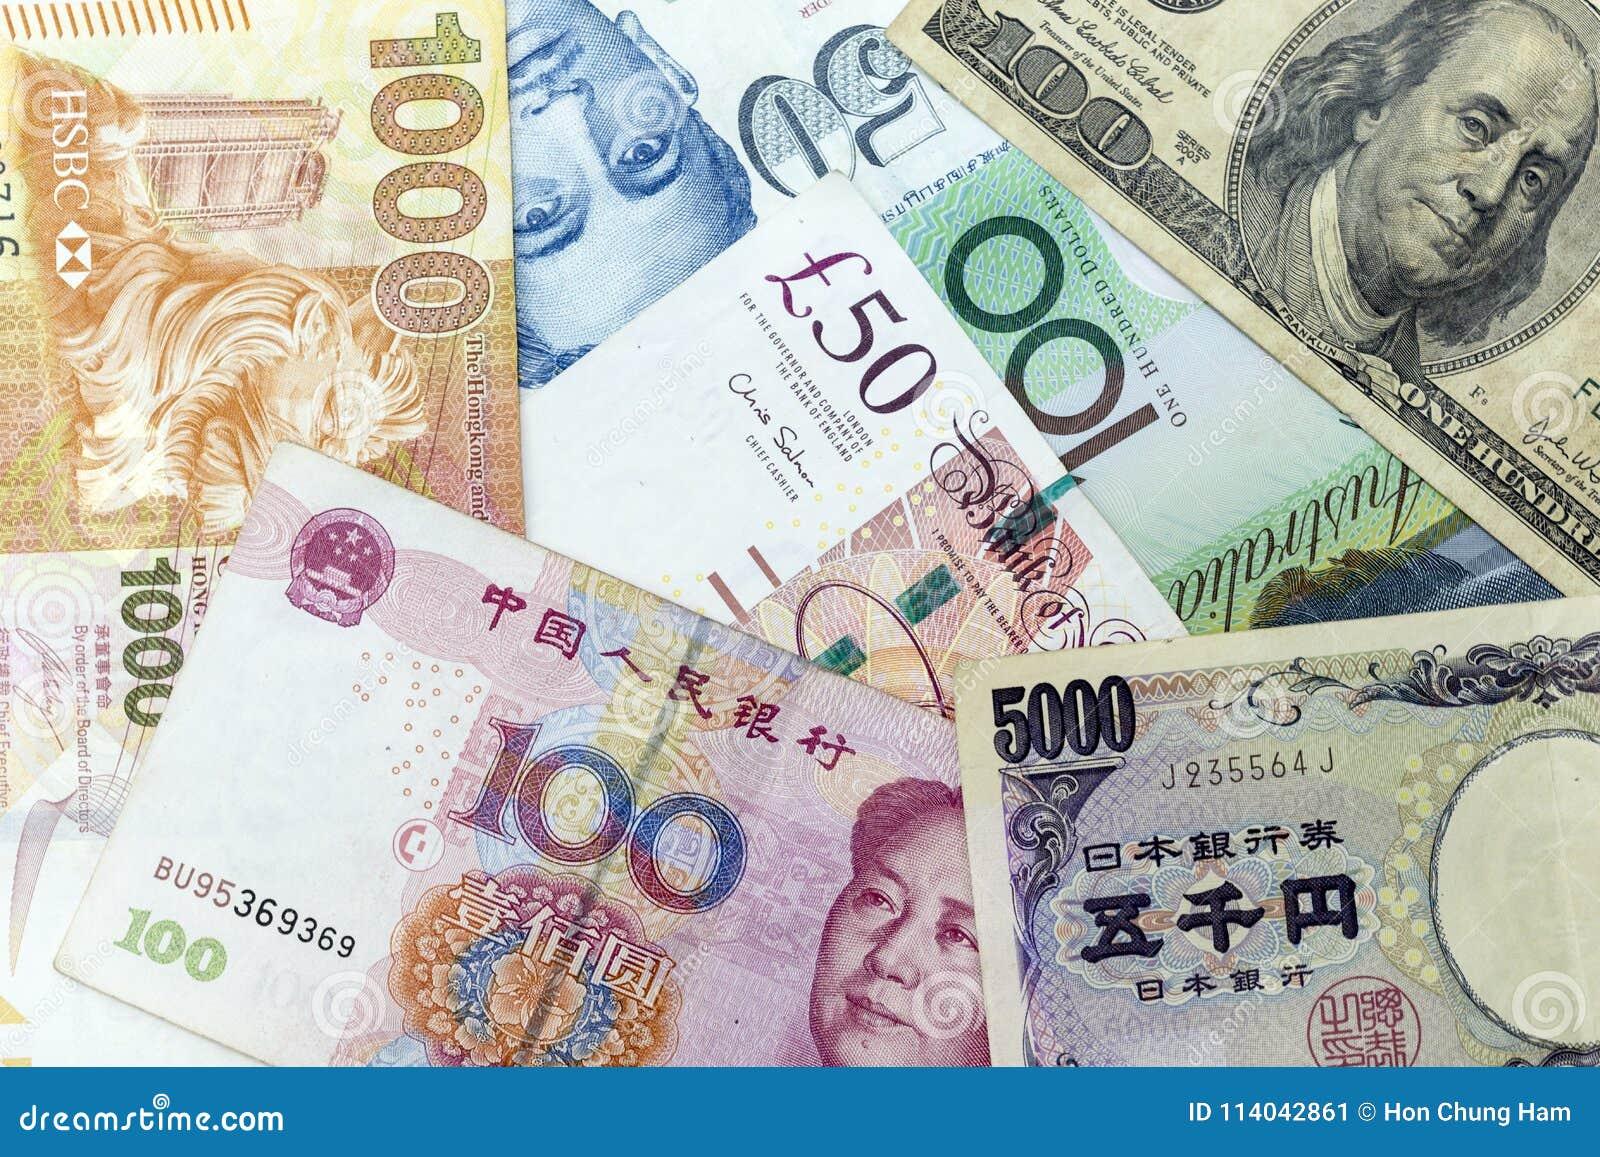 Τραπεζογραμμάτια νομίσματος που διαδίδονται πέρα από το πλαίσιο συμπεριλαμβανομένων παγκόσμιων σημαντικών νομισμάτων